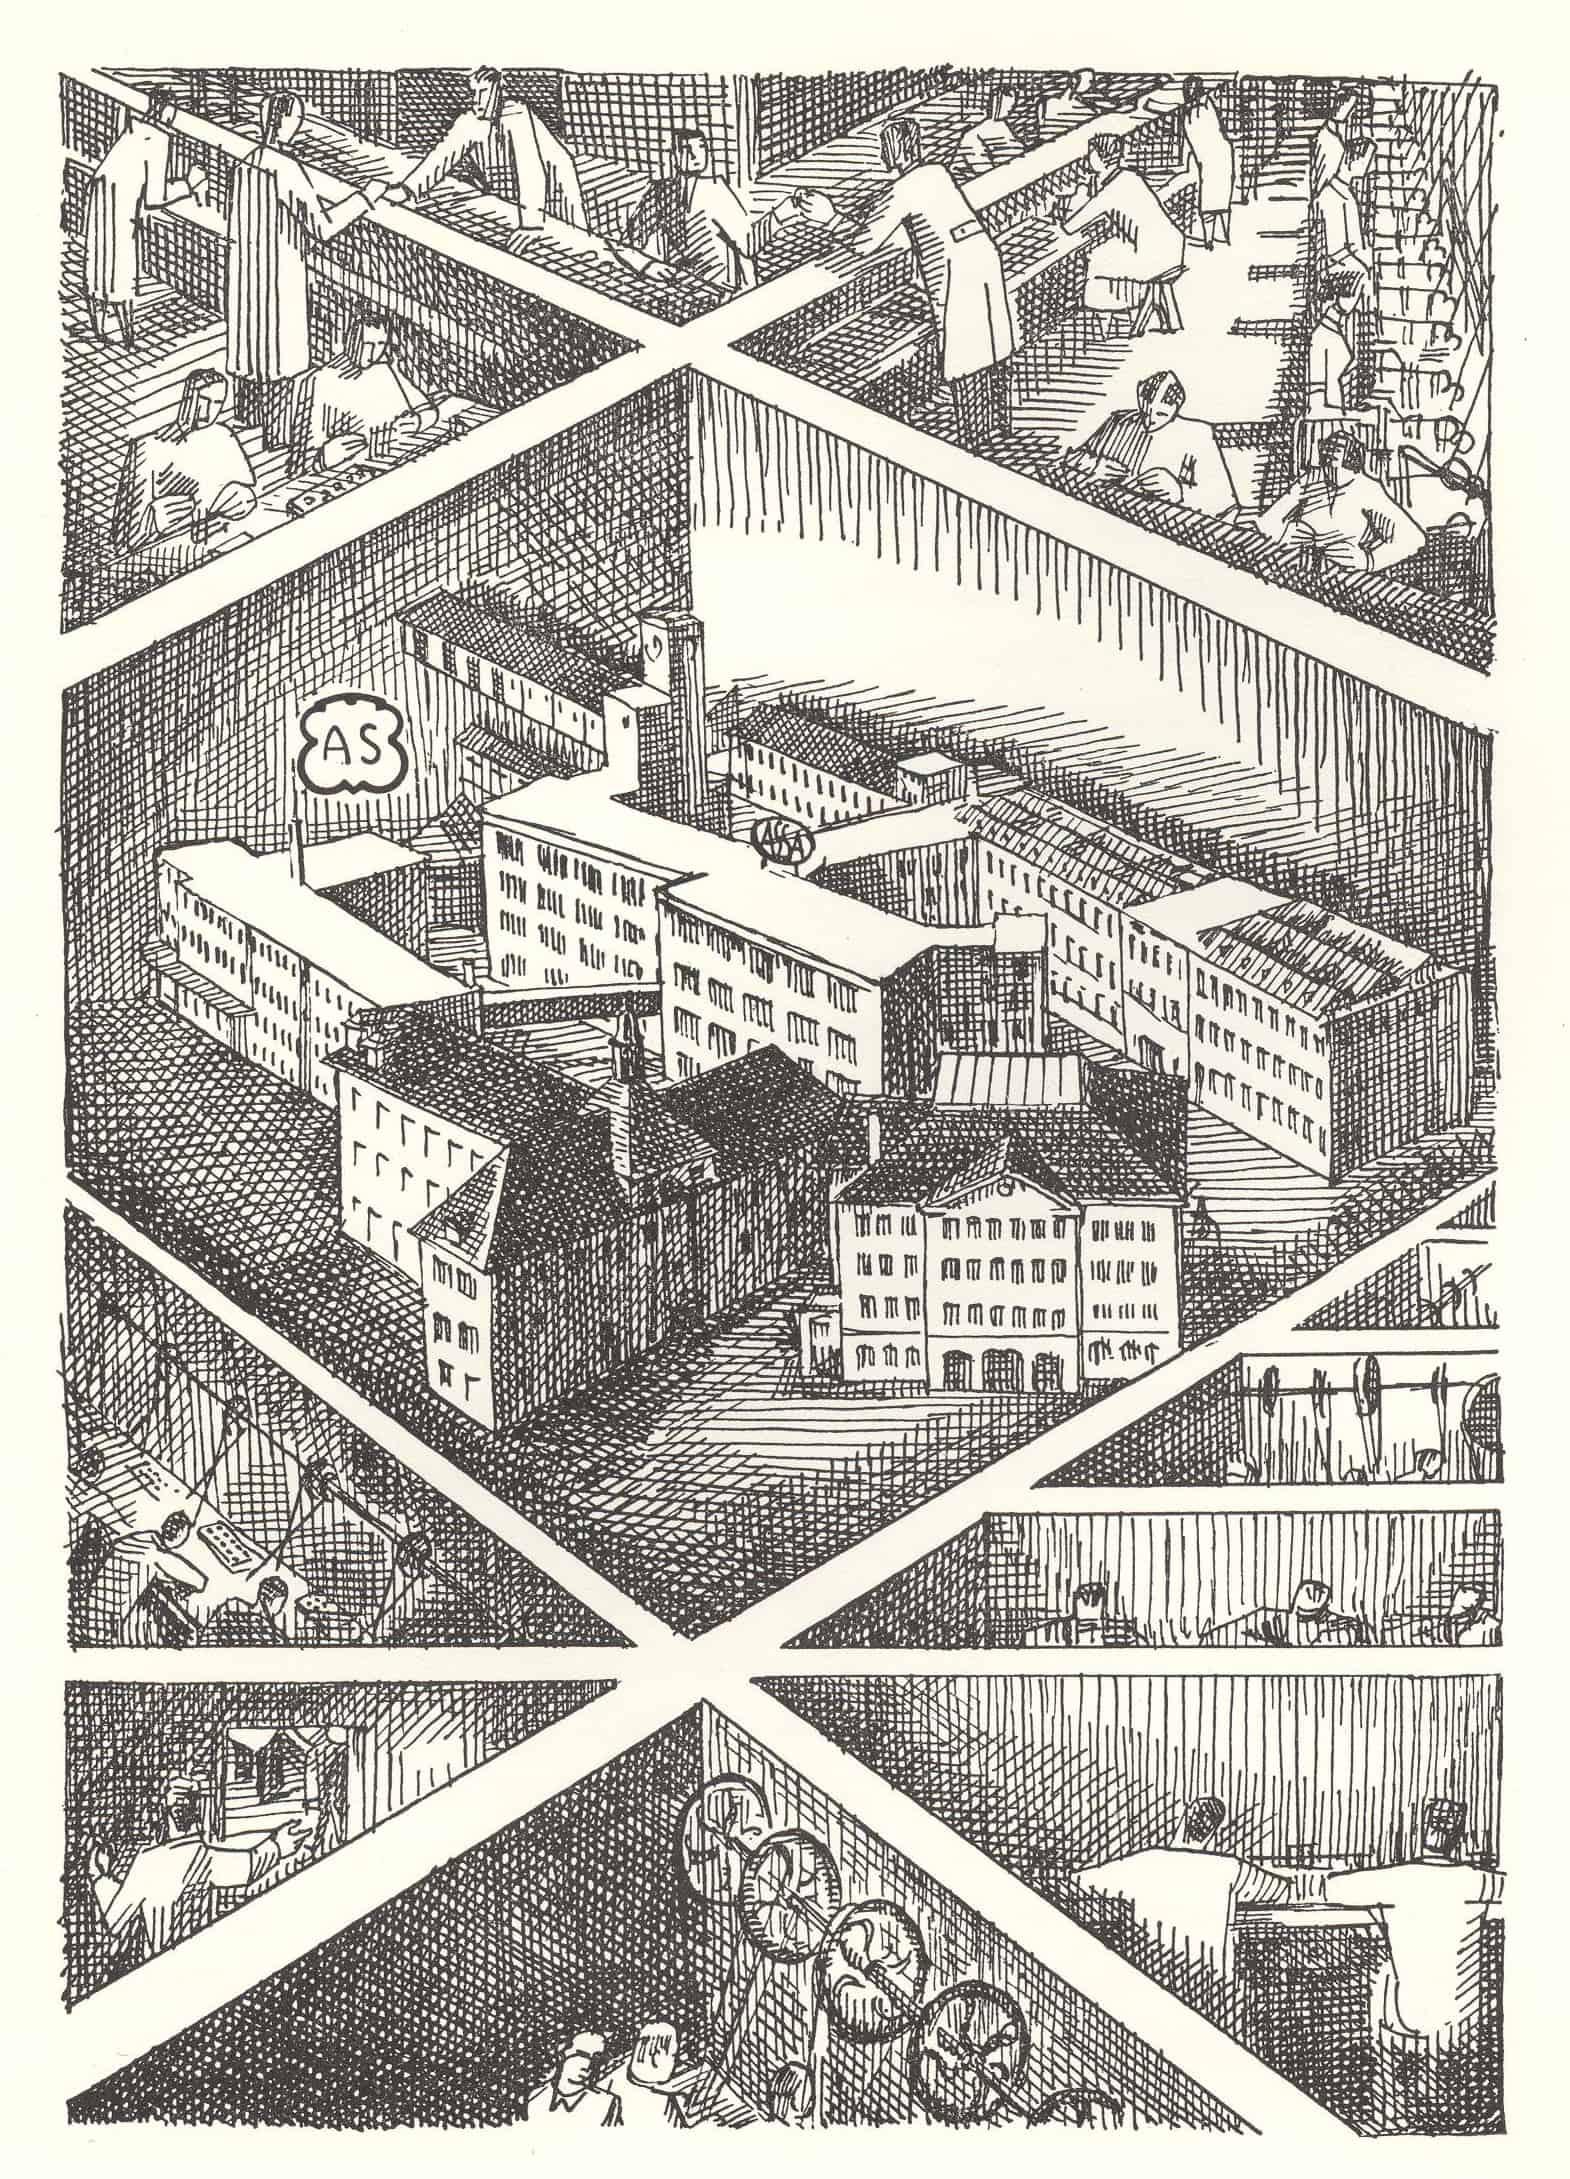 Die Fabrikgebäude der AS Adolf Schild Rohwerkein Grenchen